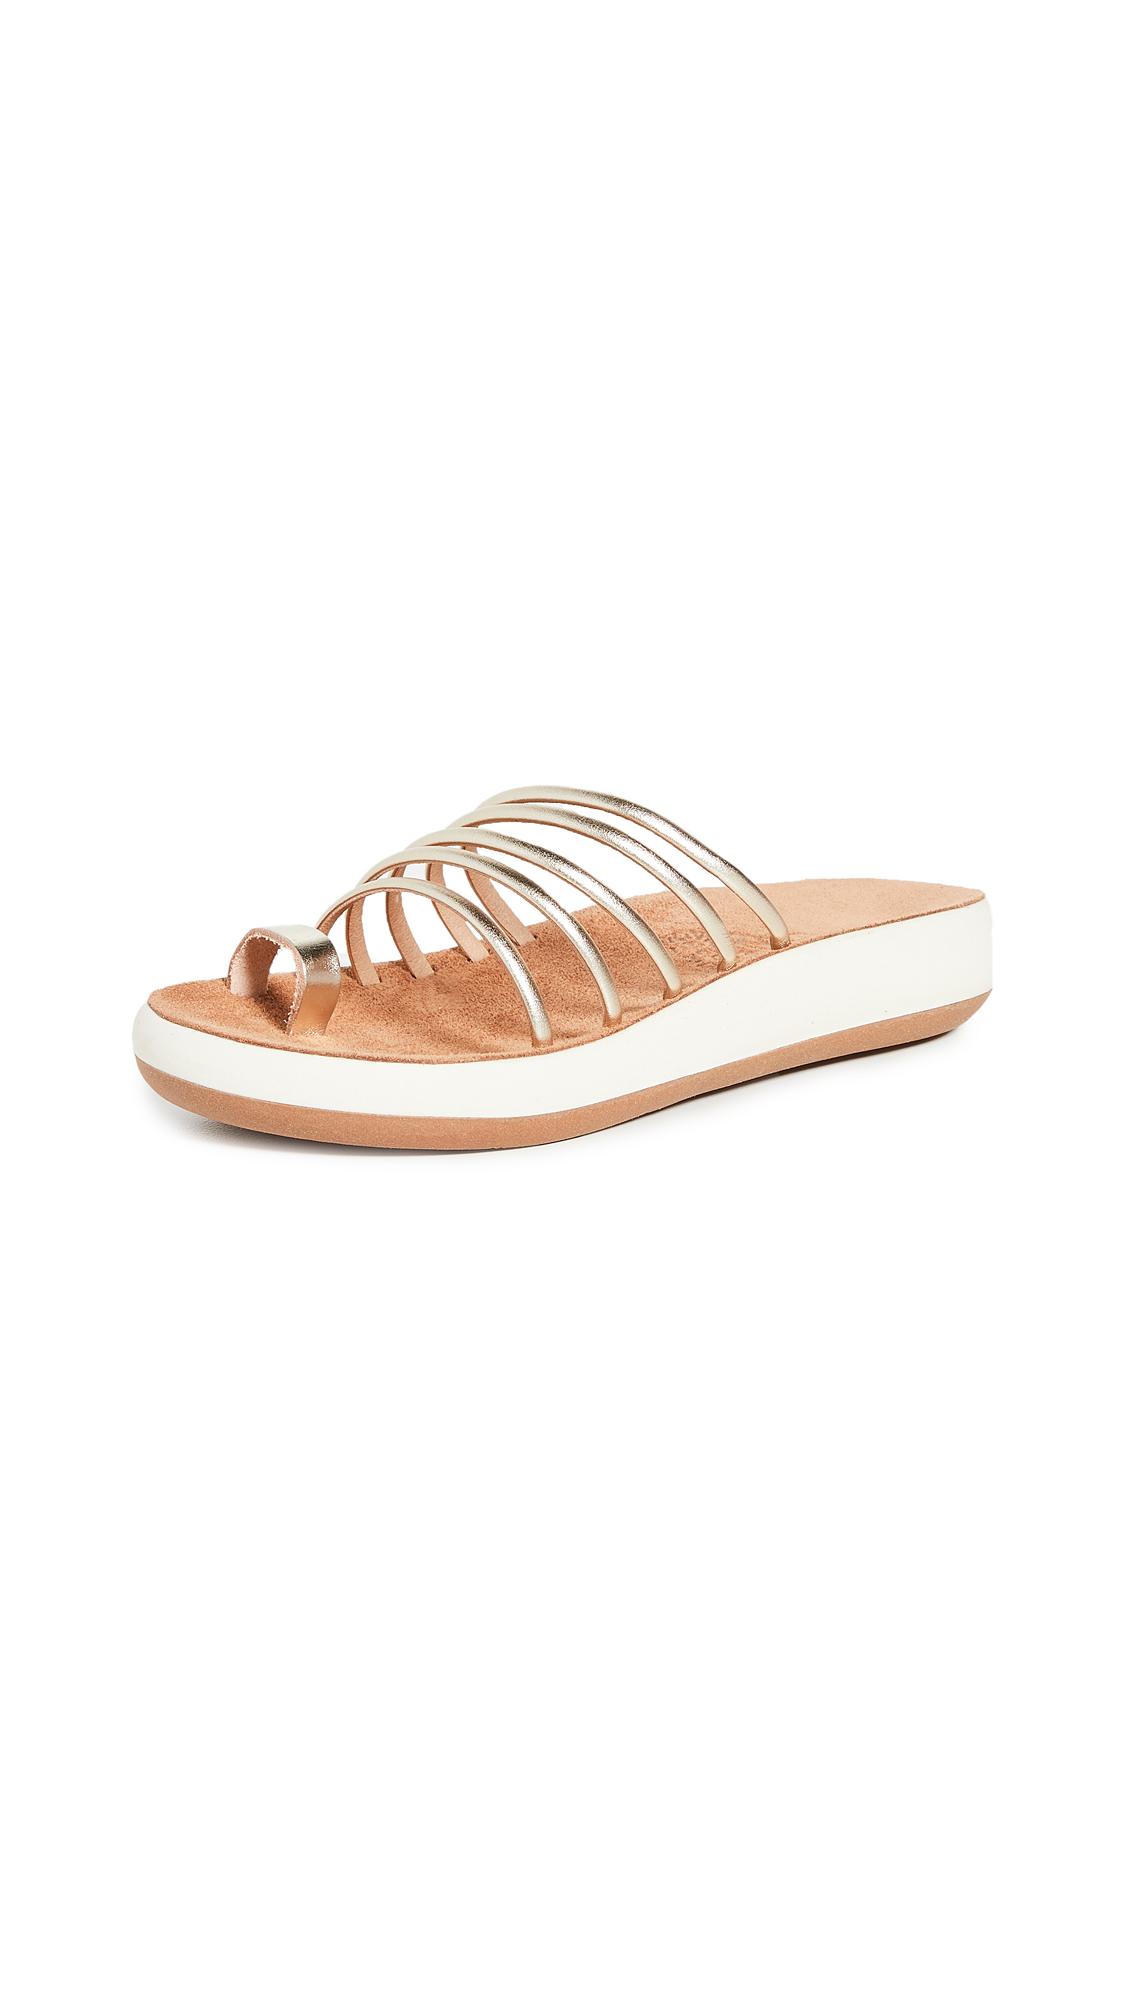 Buy Ancient Greek Sandals Hypatia Comfort Sandals online, shop Ancient Greek Sandals